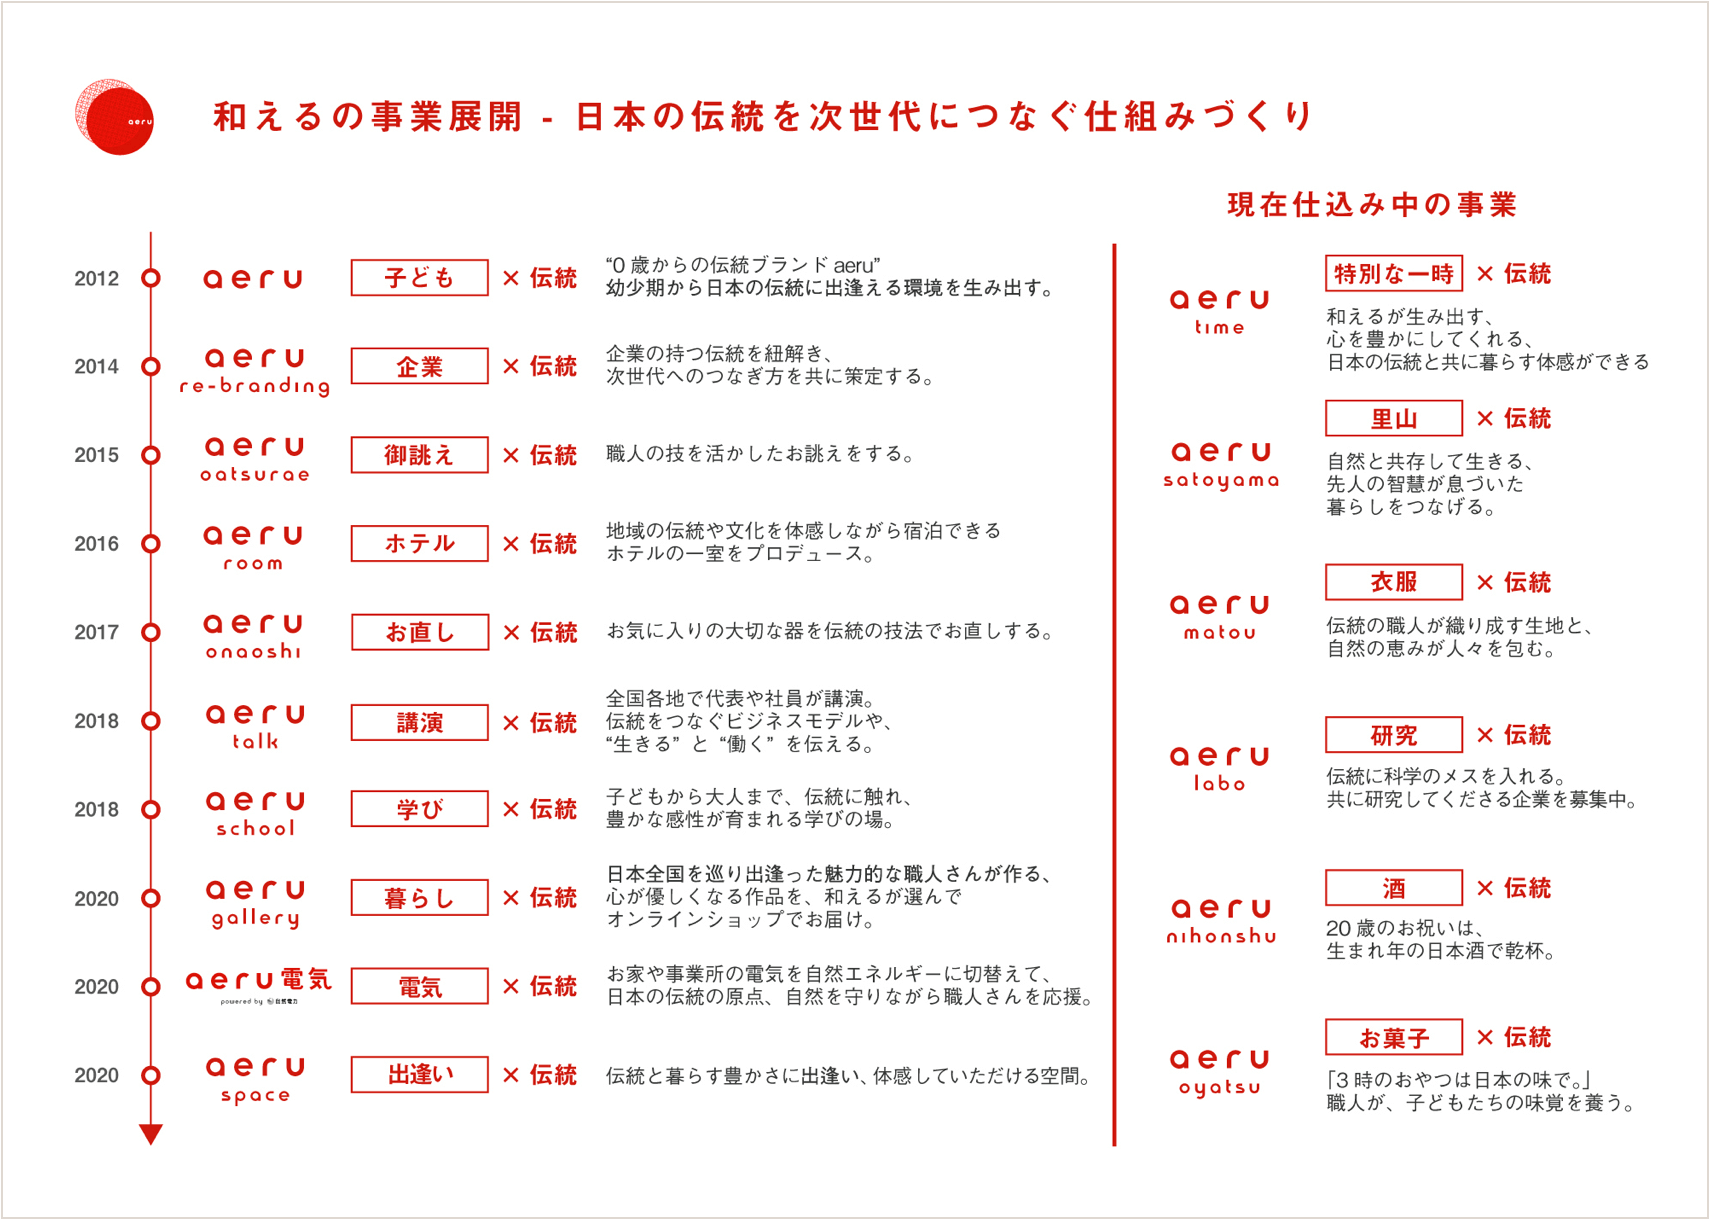 和えるは、日本の伝統を次世代につなぐため、様々な事業を展開